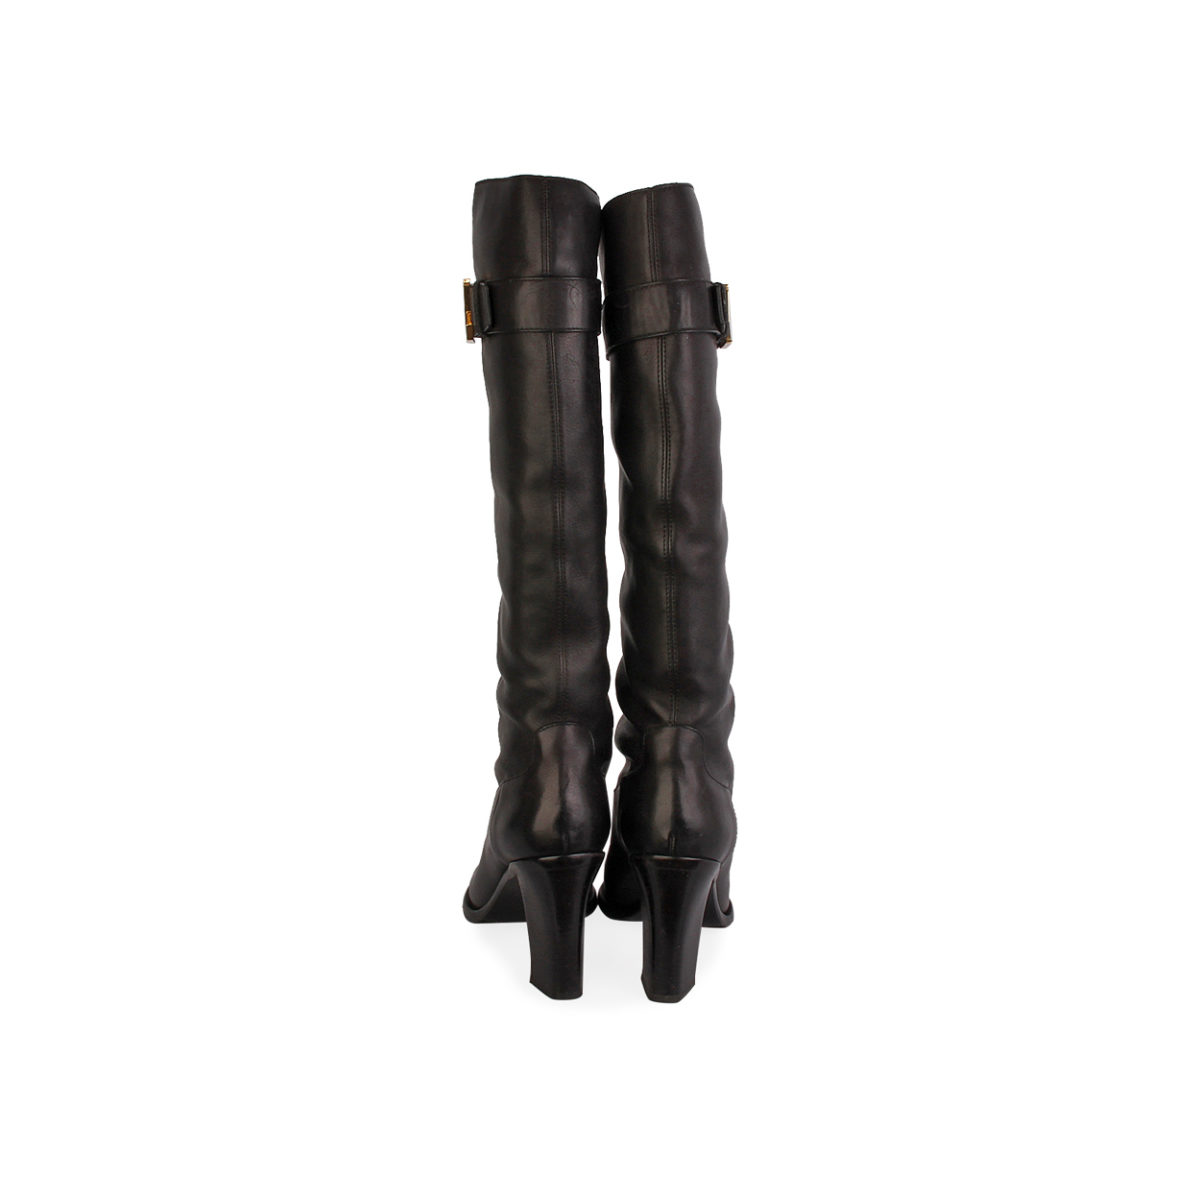 617cc3e43d3 LOUIS VUITTON Legacy Leather Boots Black - S: 41 (7.5)